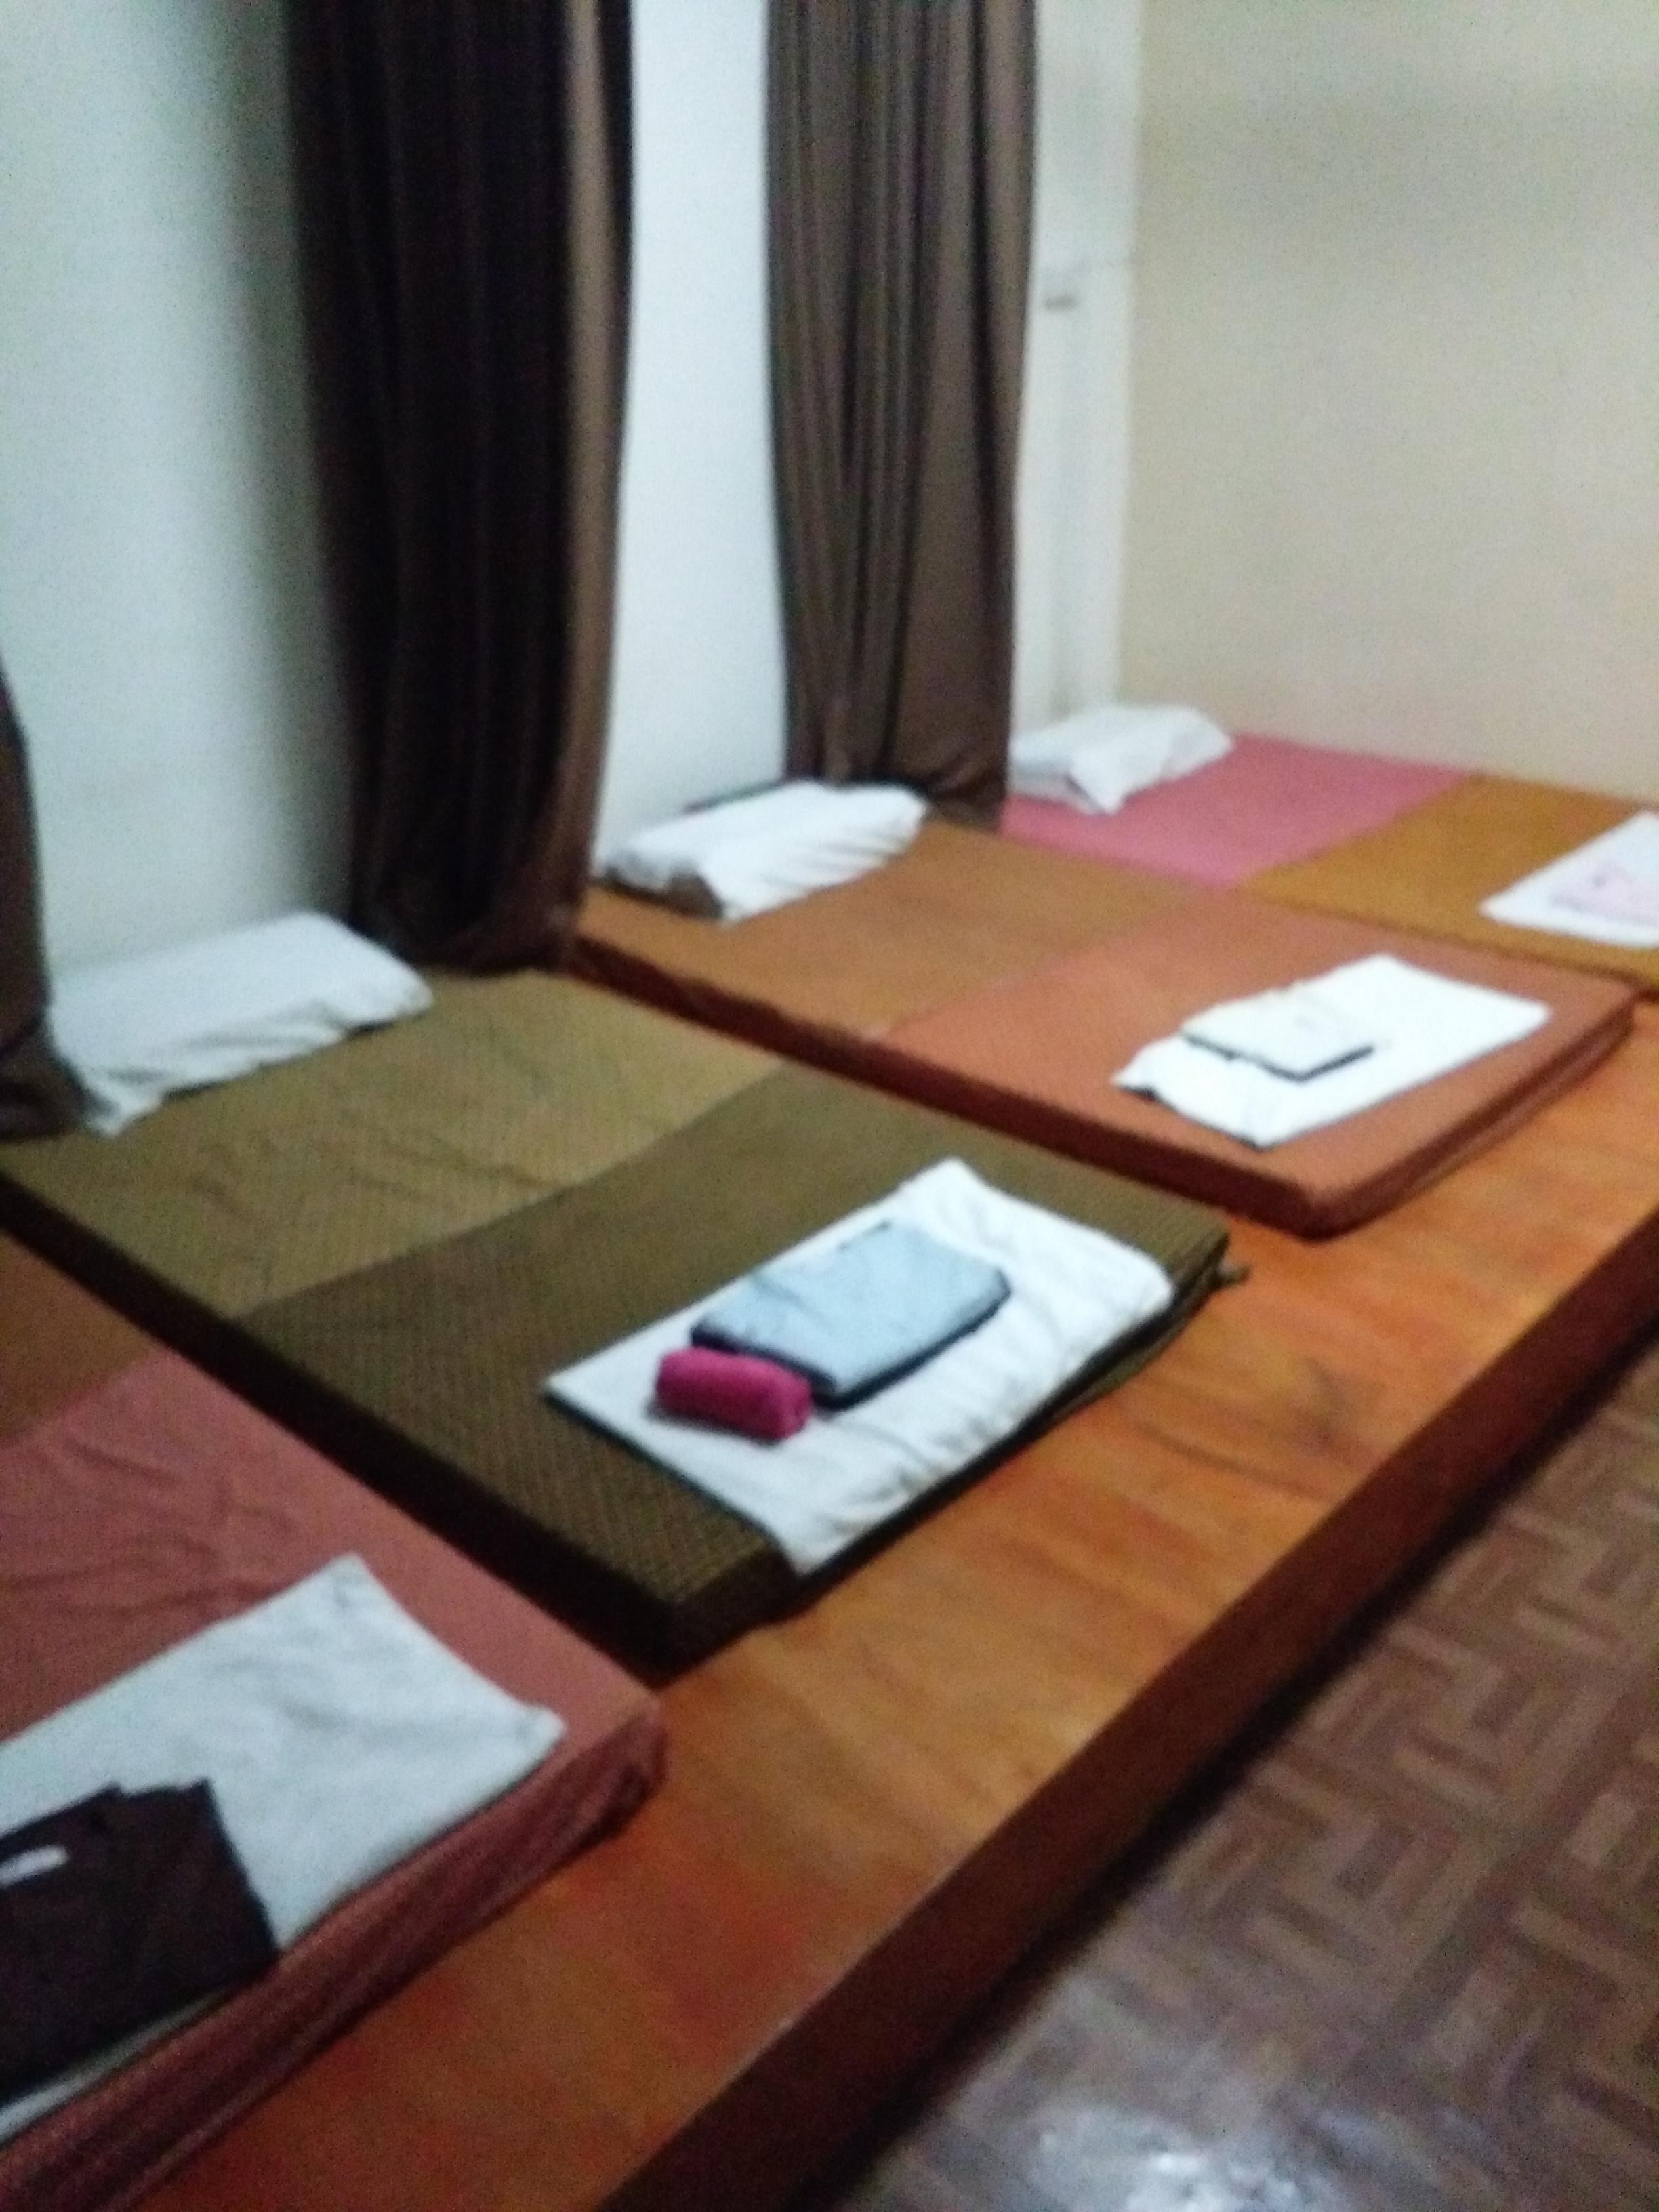 Itt zajlik a thai masszázs, az ágyak elején lévő ruhákba kell átvedleni